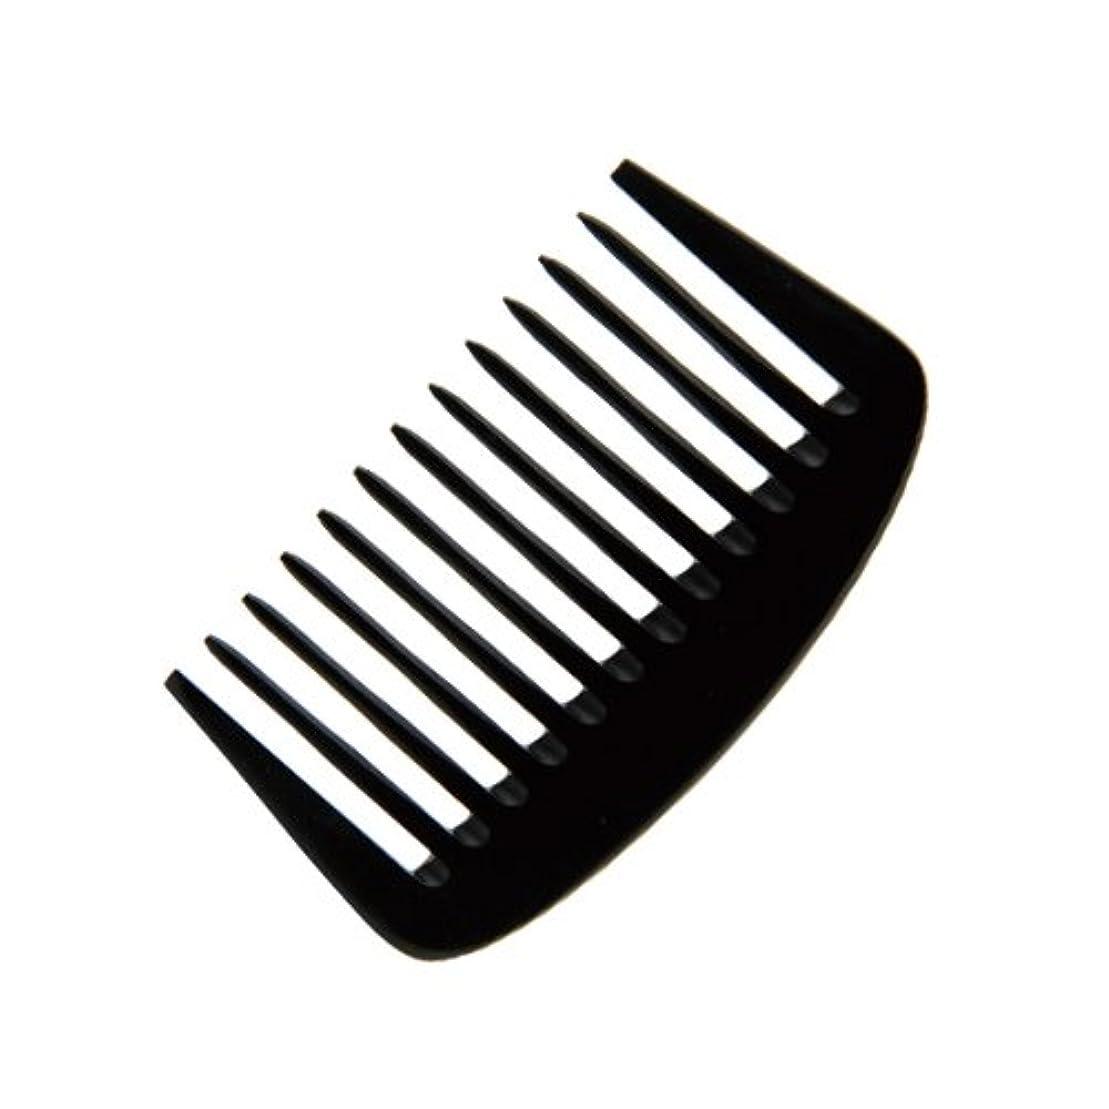 連合貼り直す心理学エトゥベラ e-ーフムーンコーム K-8010 105mm (美容室用) 全2色ブラック